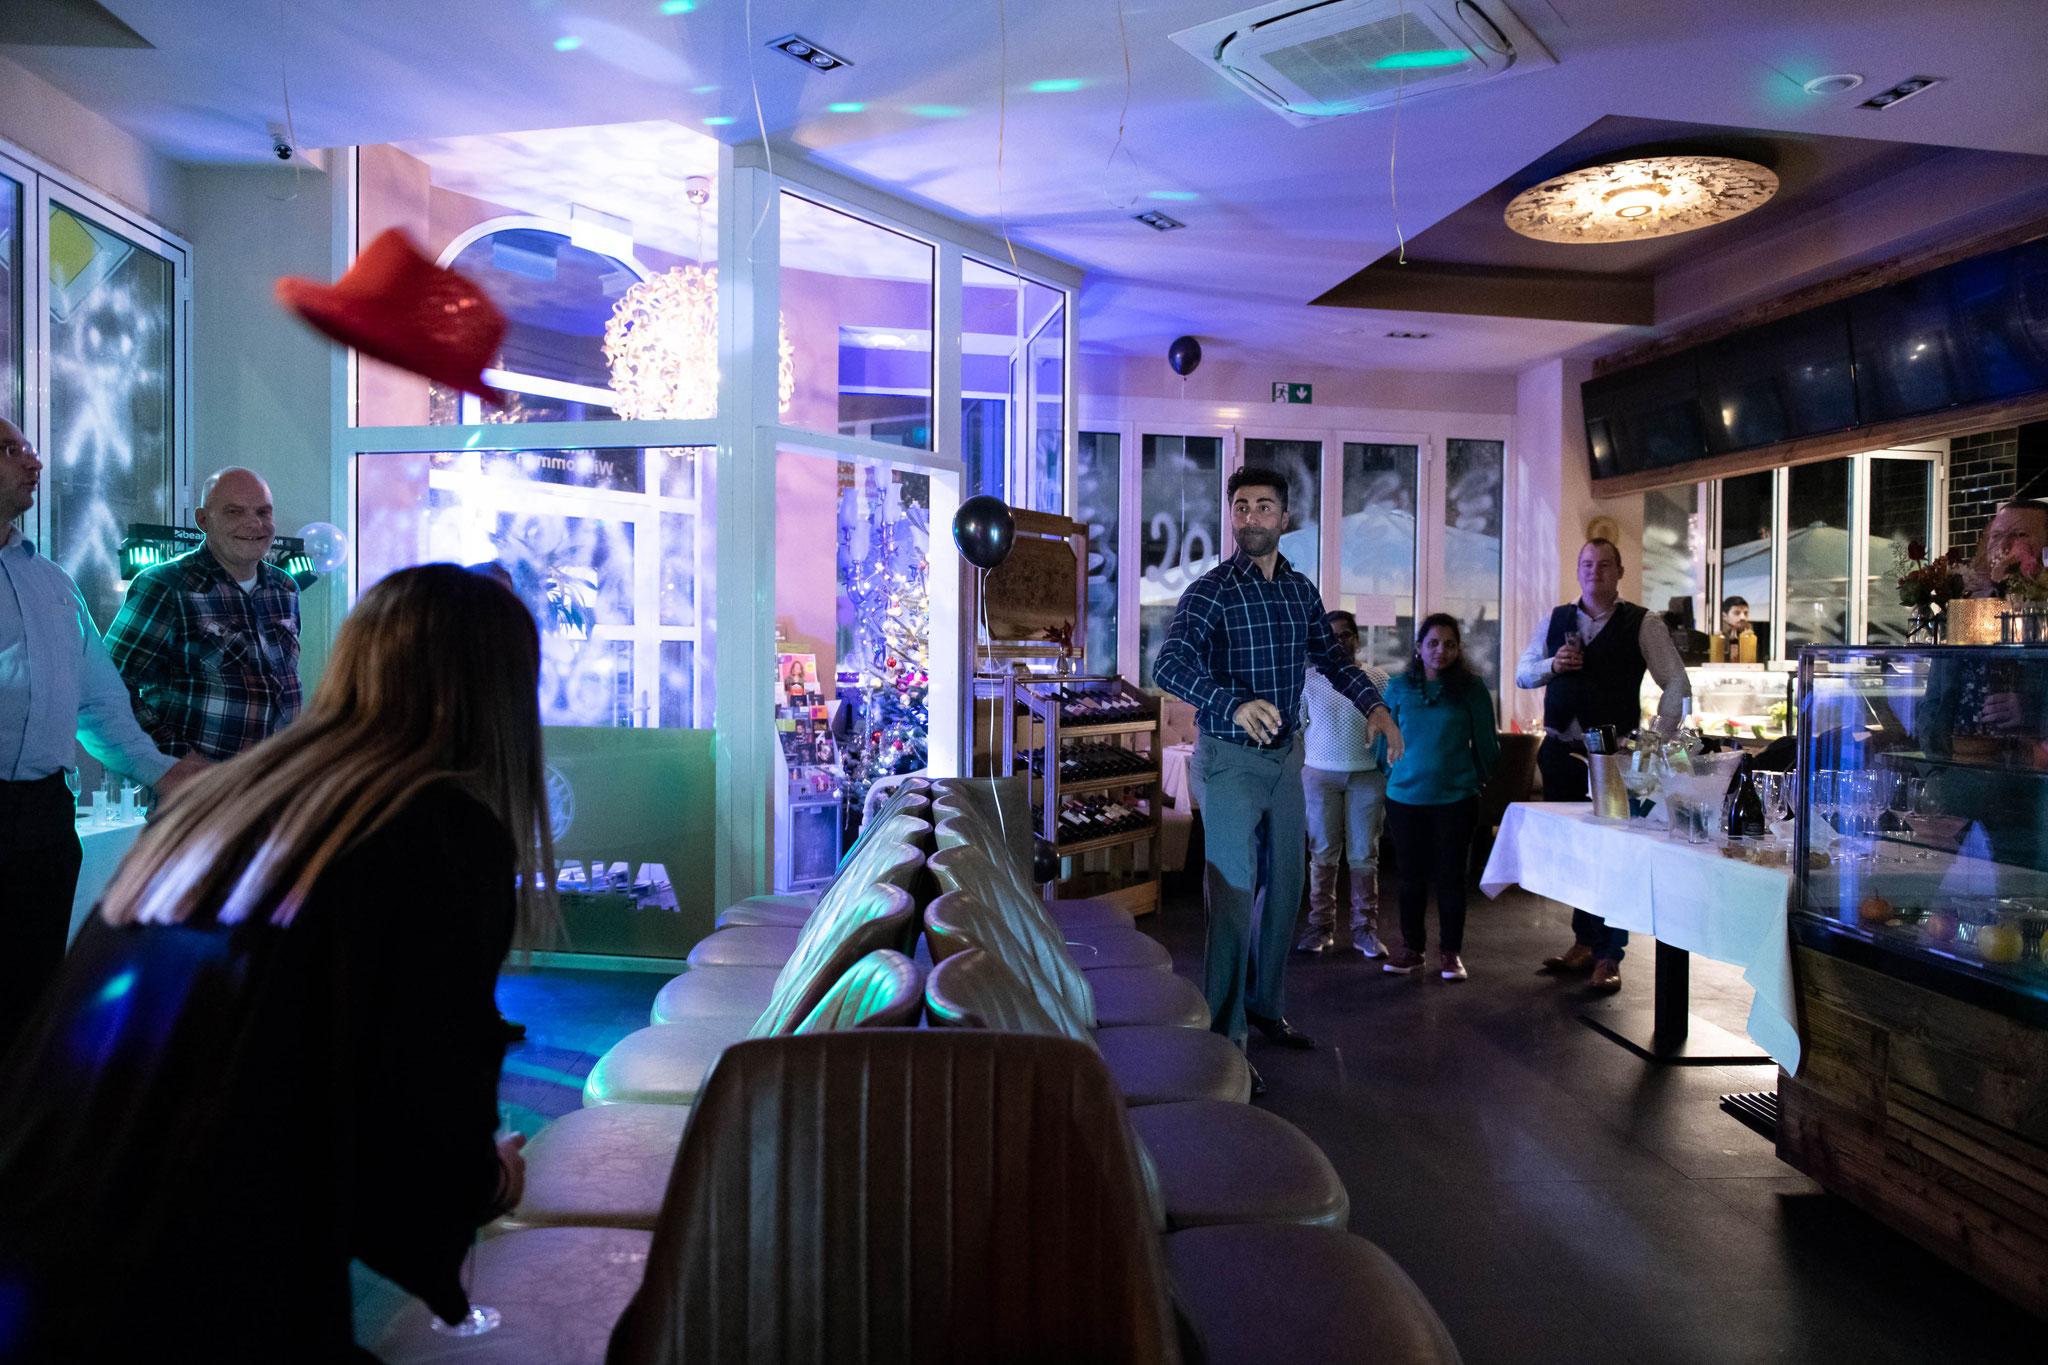 Fotografische Begleitung in Offenbach im Restaurant Anatolia